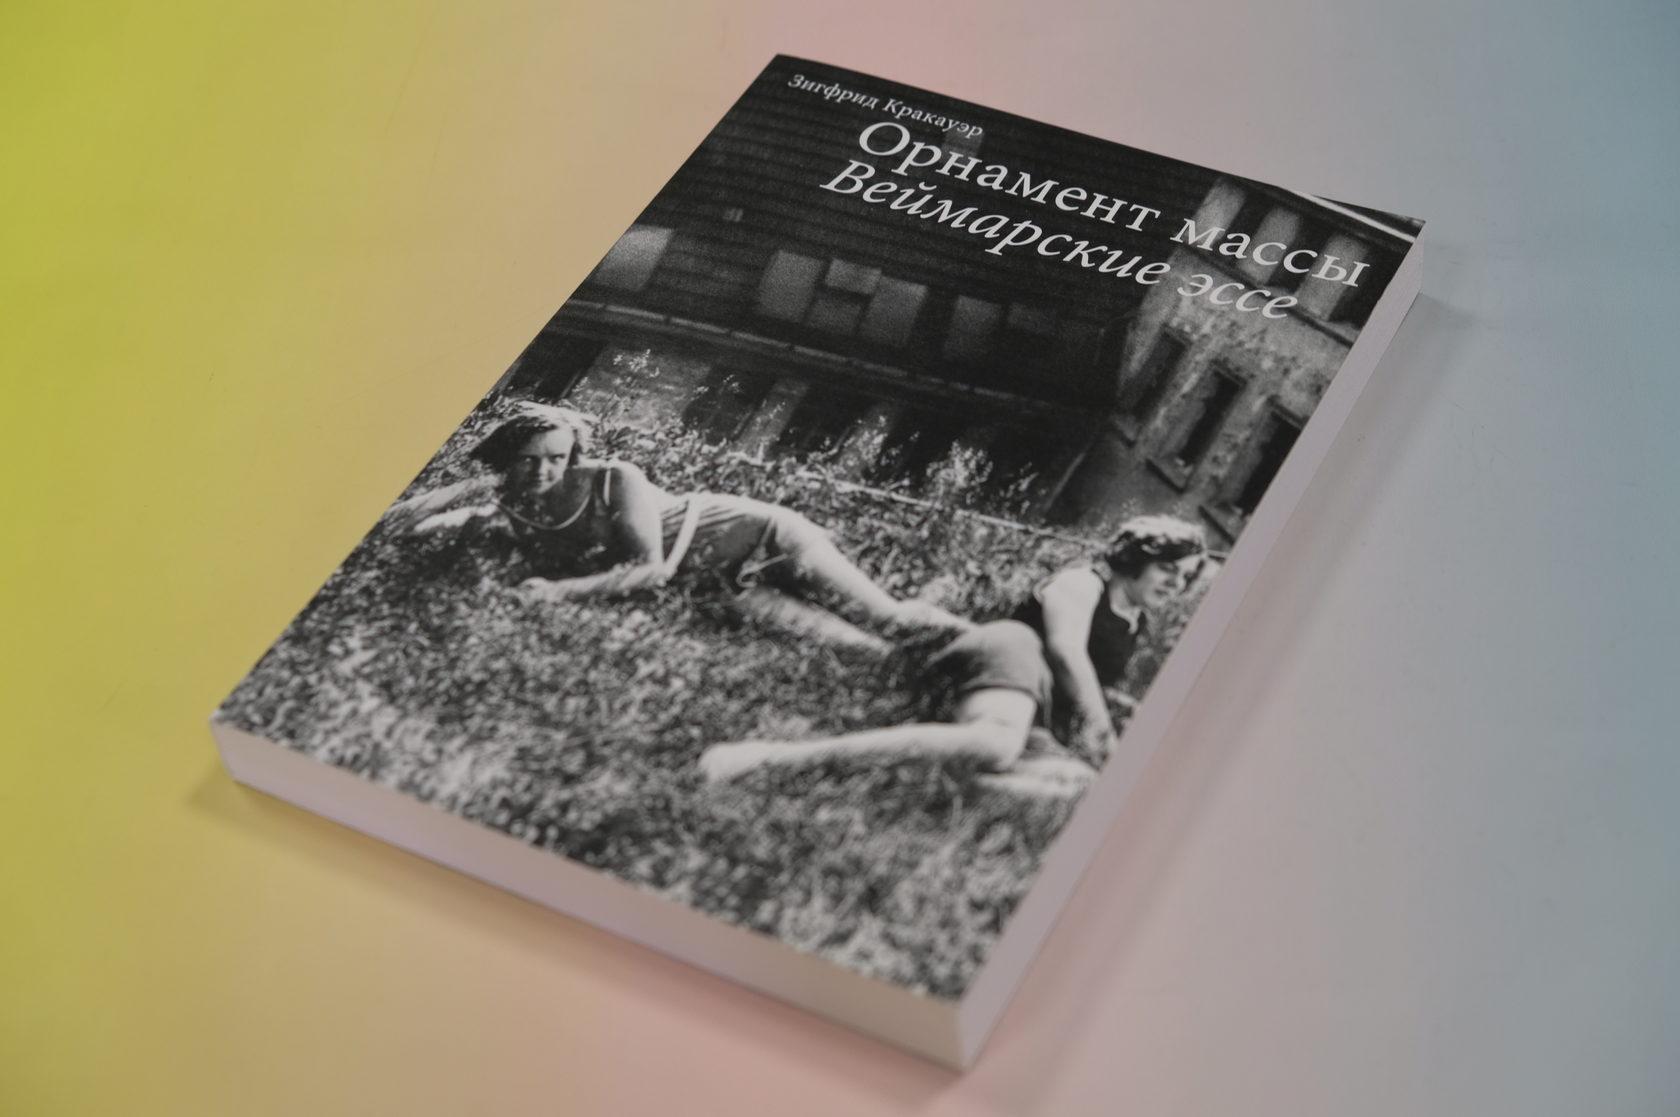 Купить книгу Зигфрид Кракауэр «Орнамент массы. Веймарские эссе» 978-5-91103-491-7